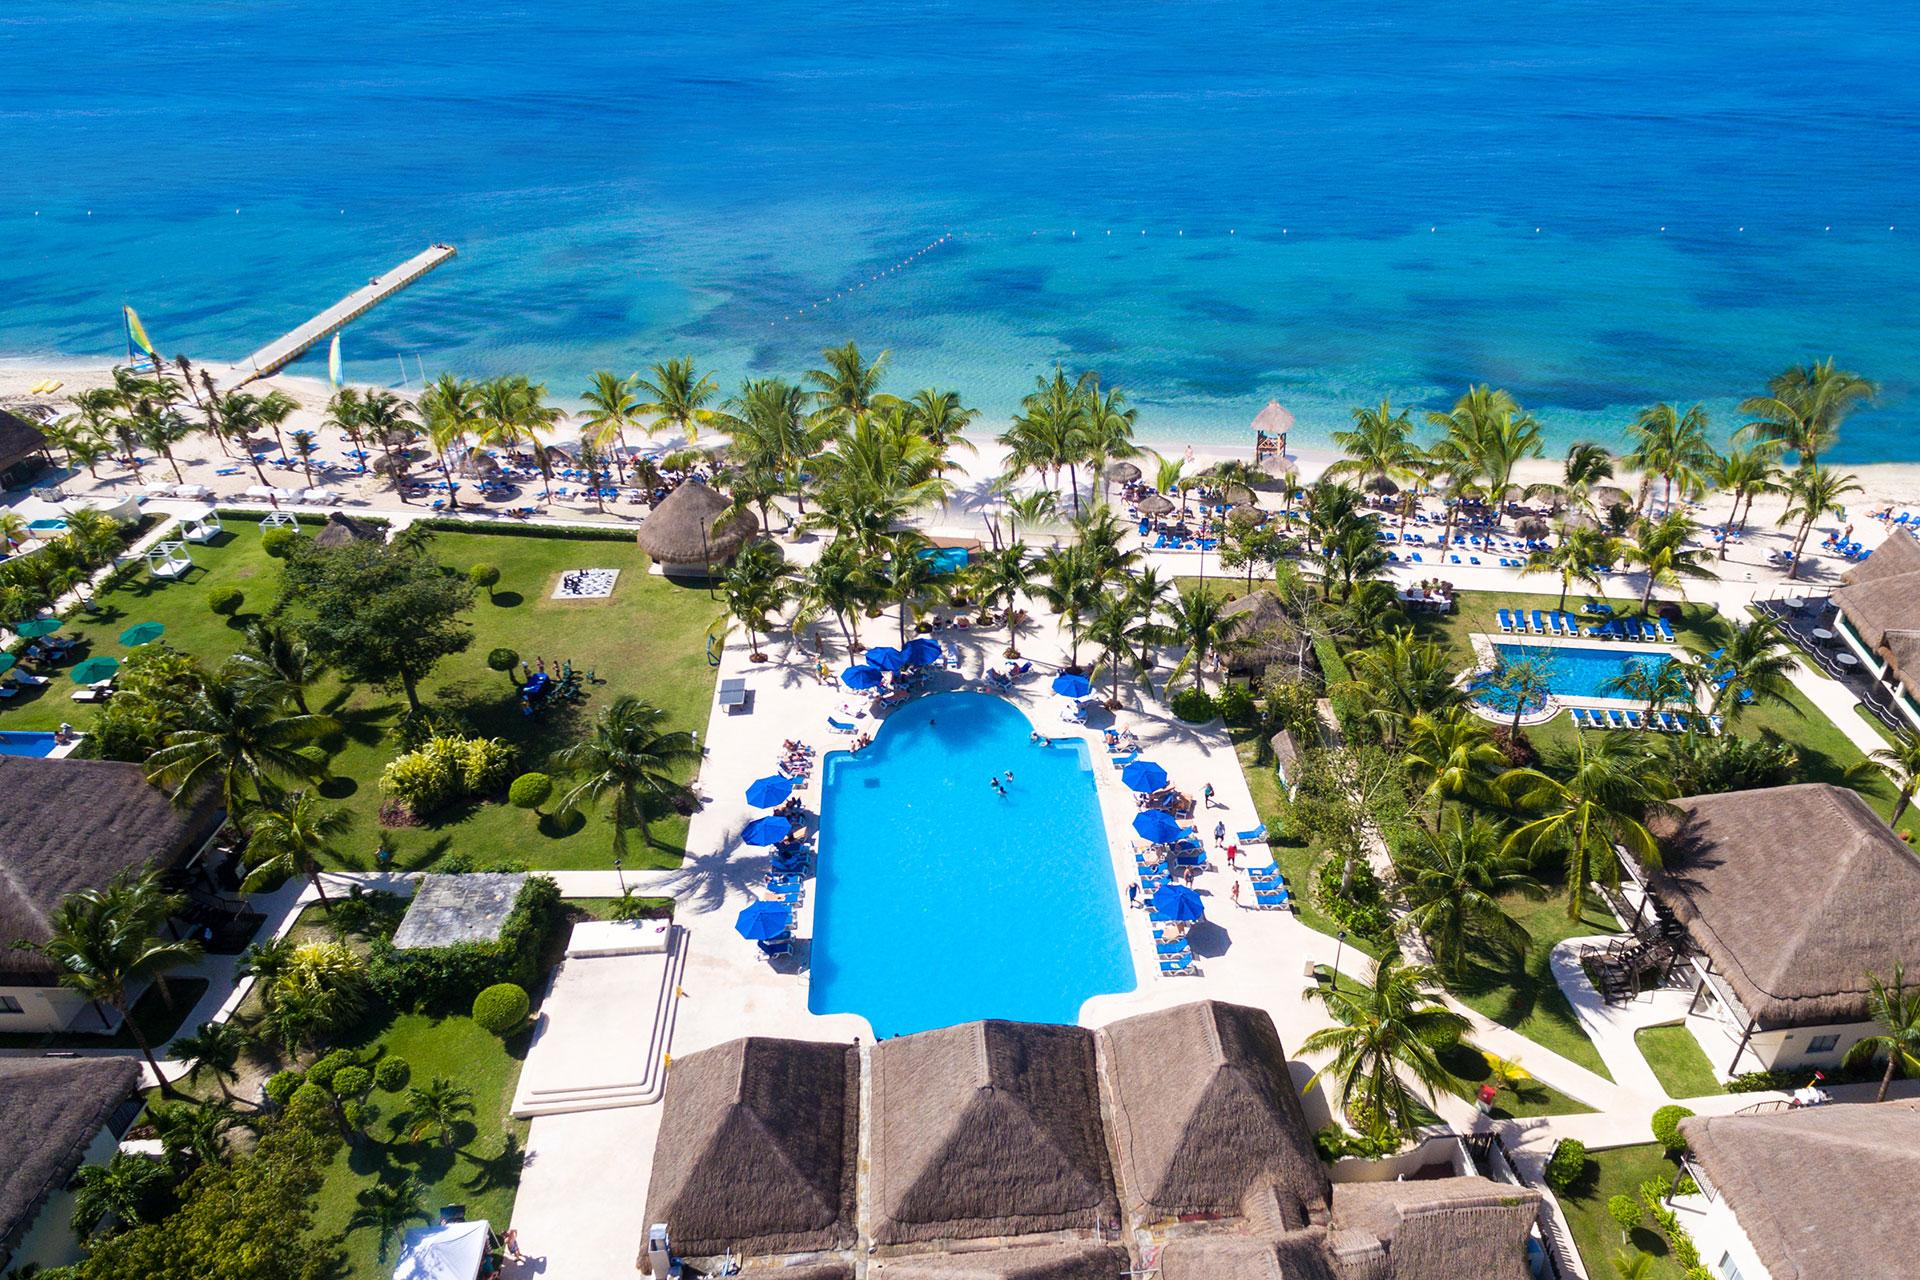 Aerial View of Allegro Cozumel; Courtesy of Allegro Cozumel